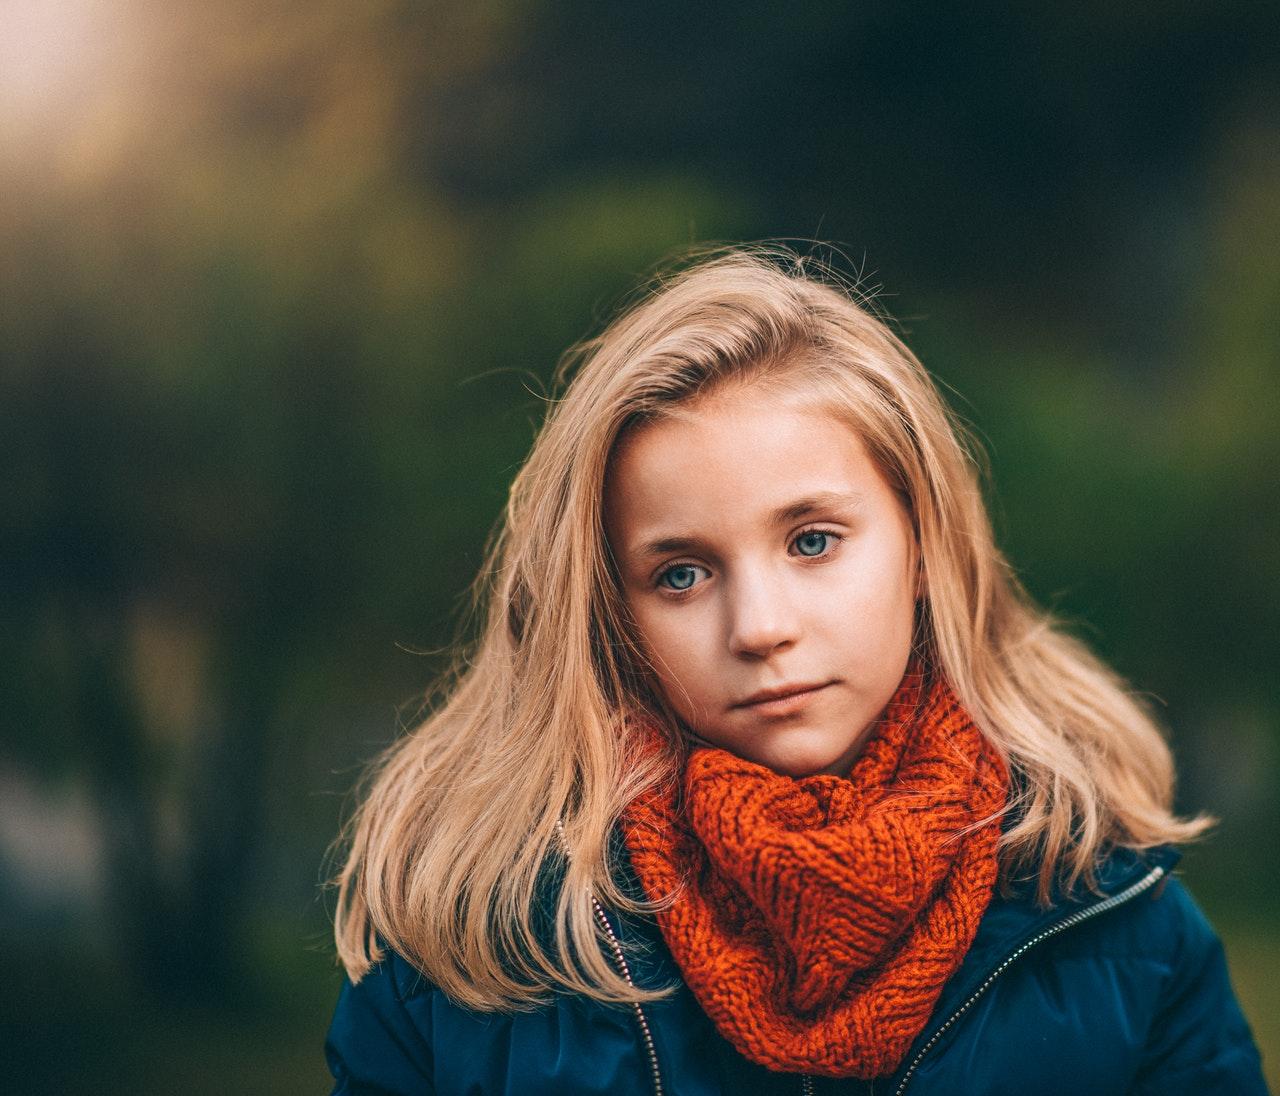 Hooggevoelig kind - heft in handen